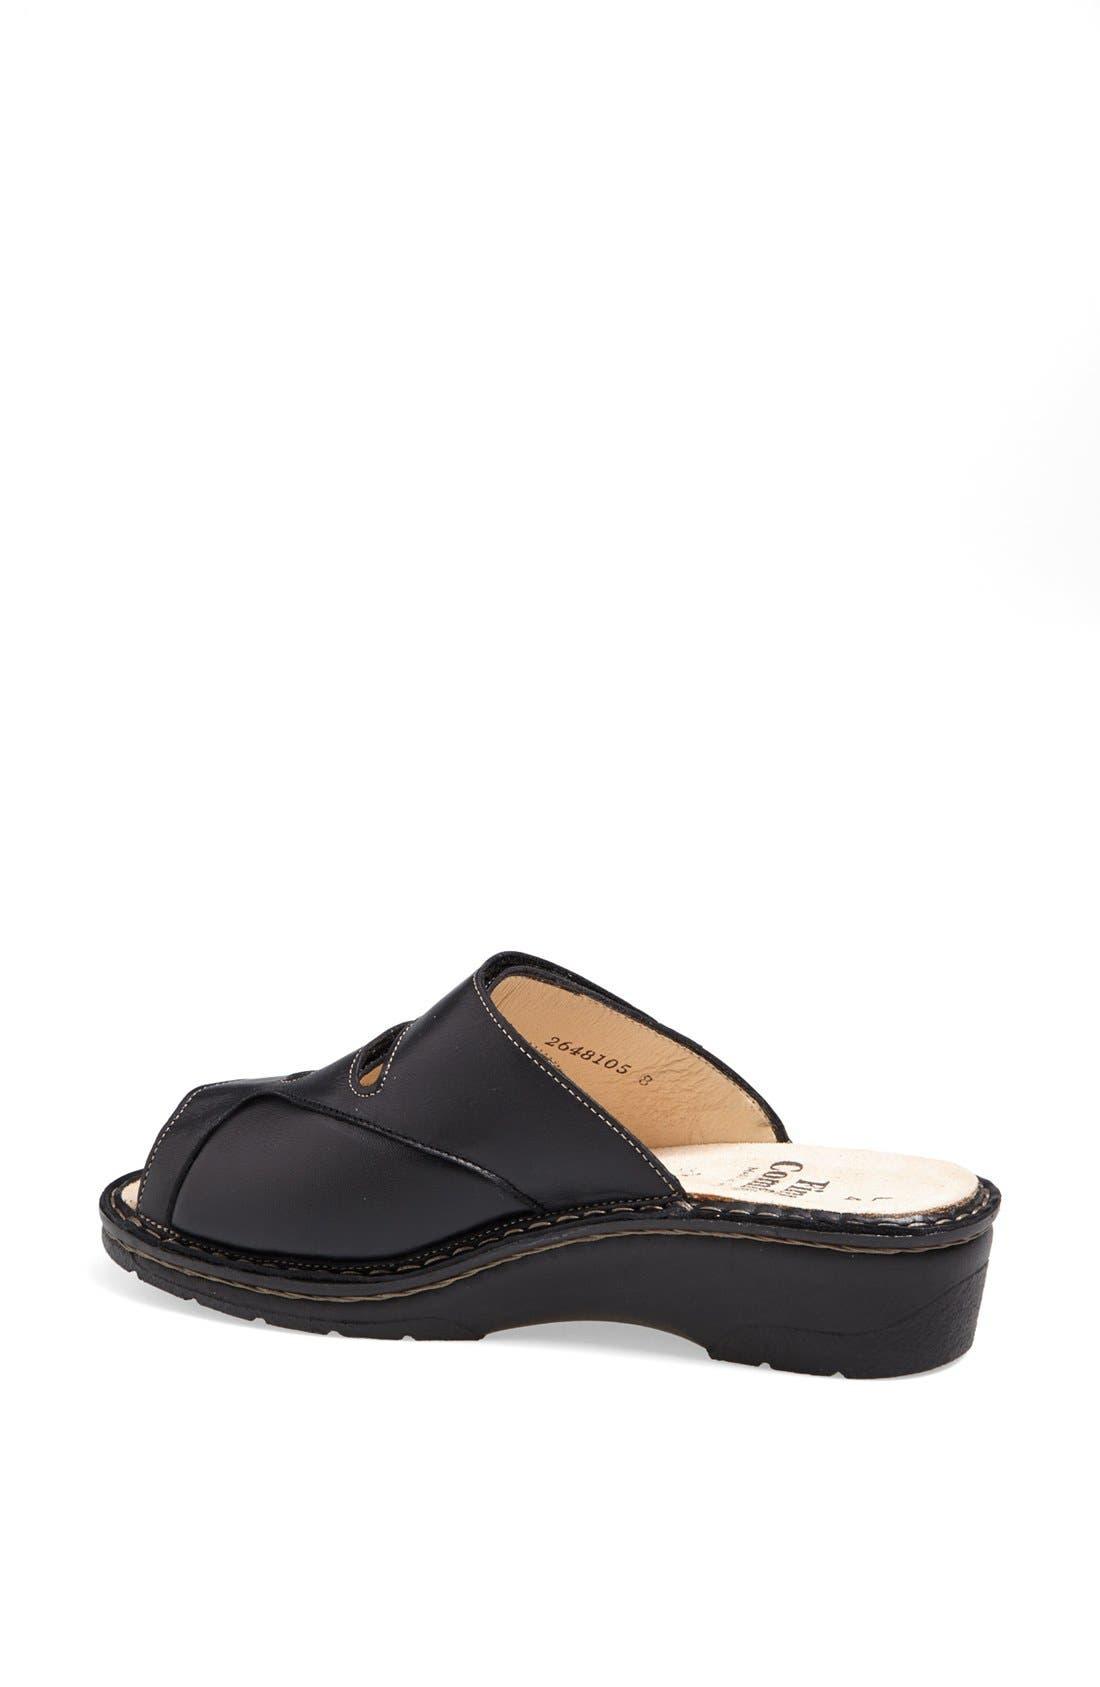 'Tilburg' Leather Sandal,                             Alternate thumbnail 2, color,                             001